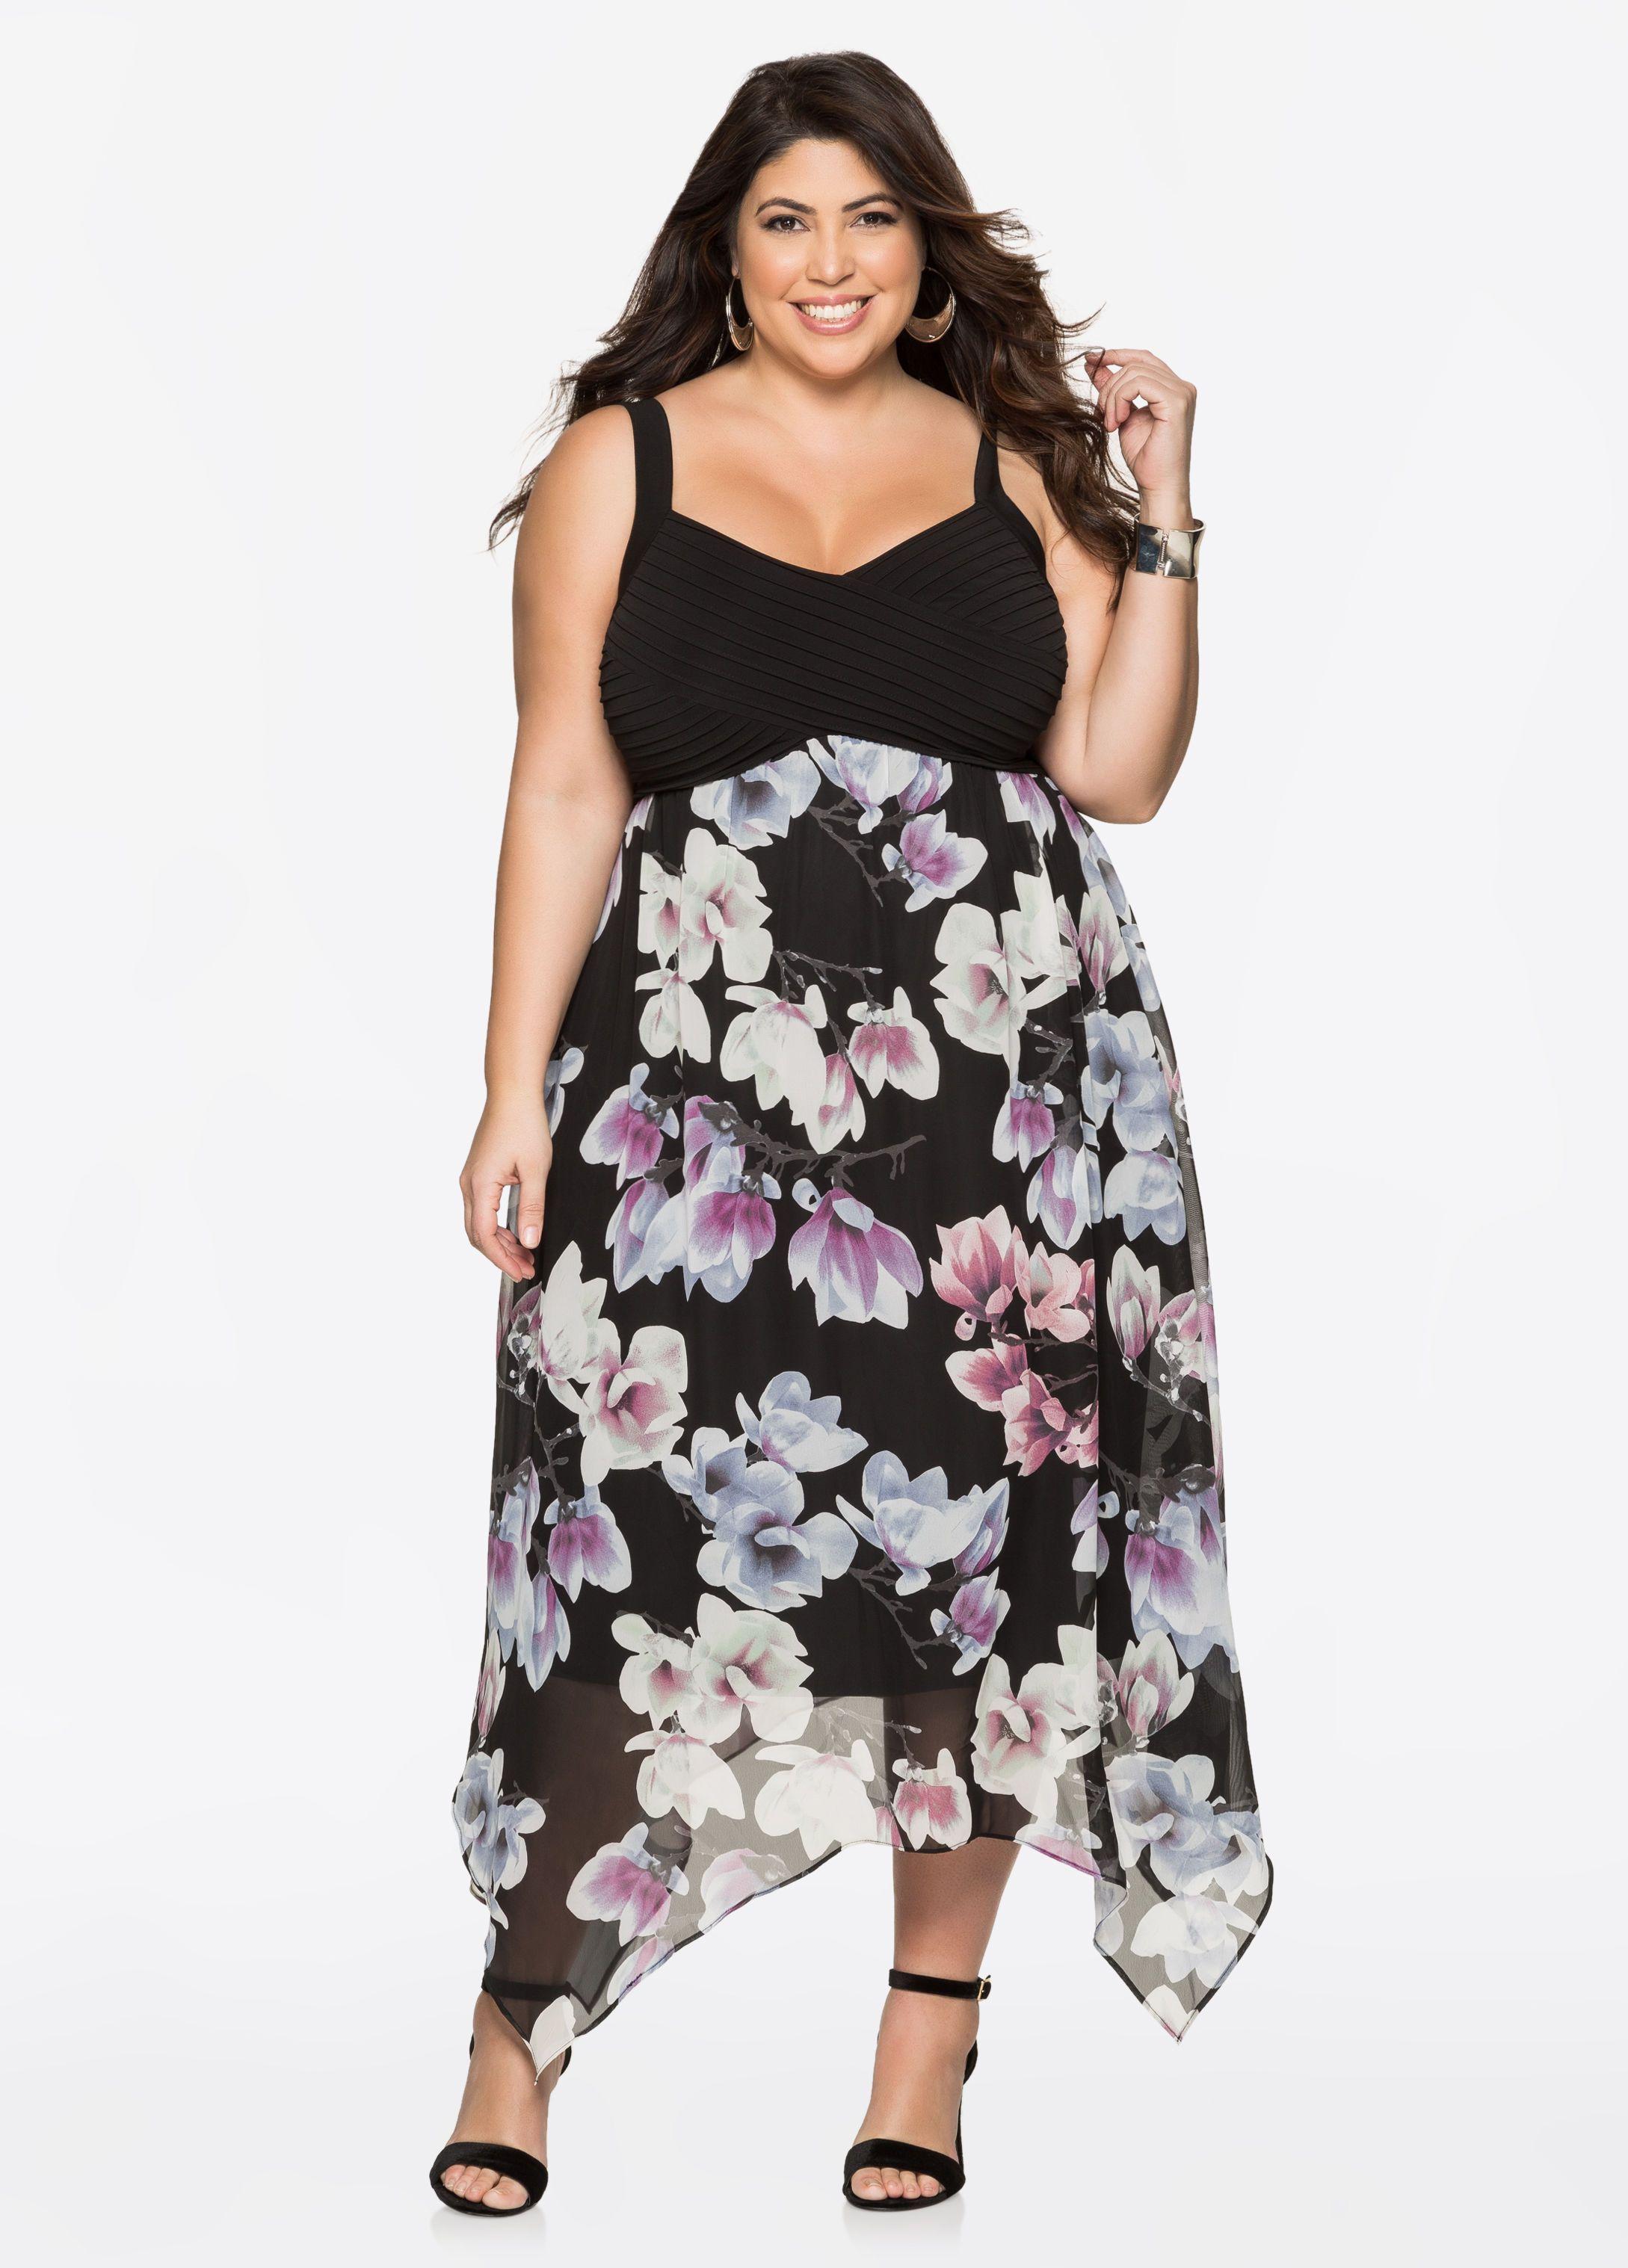 a800718a783 Floral Chiffon Maxi Dresses - Ashley Stewart